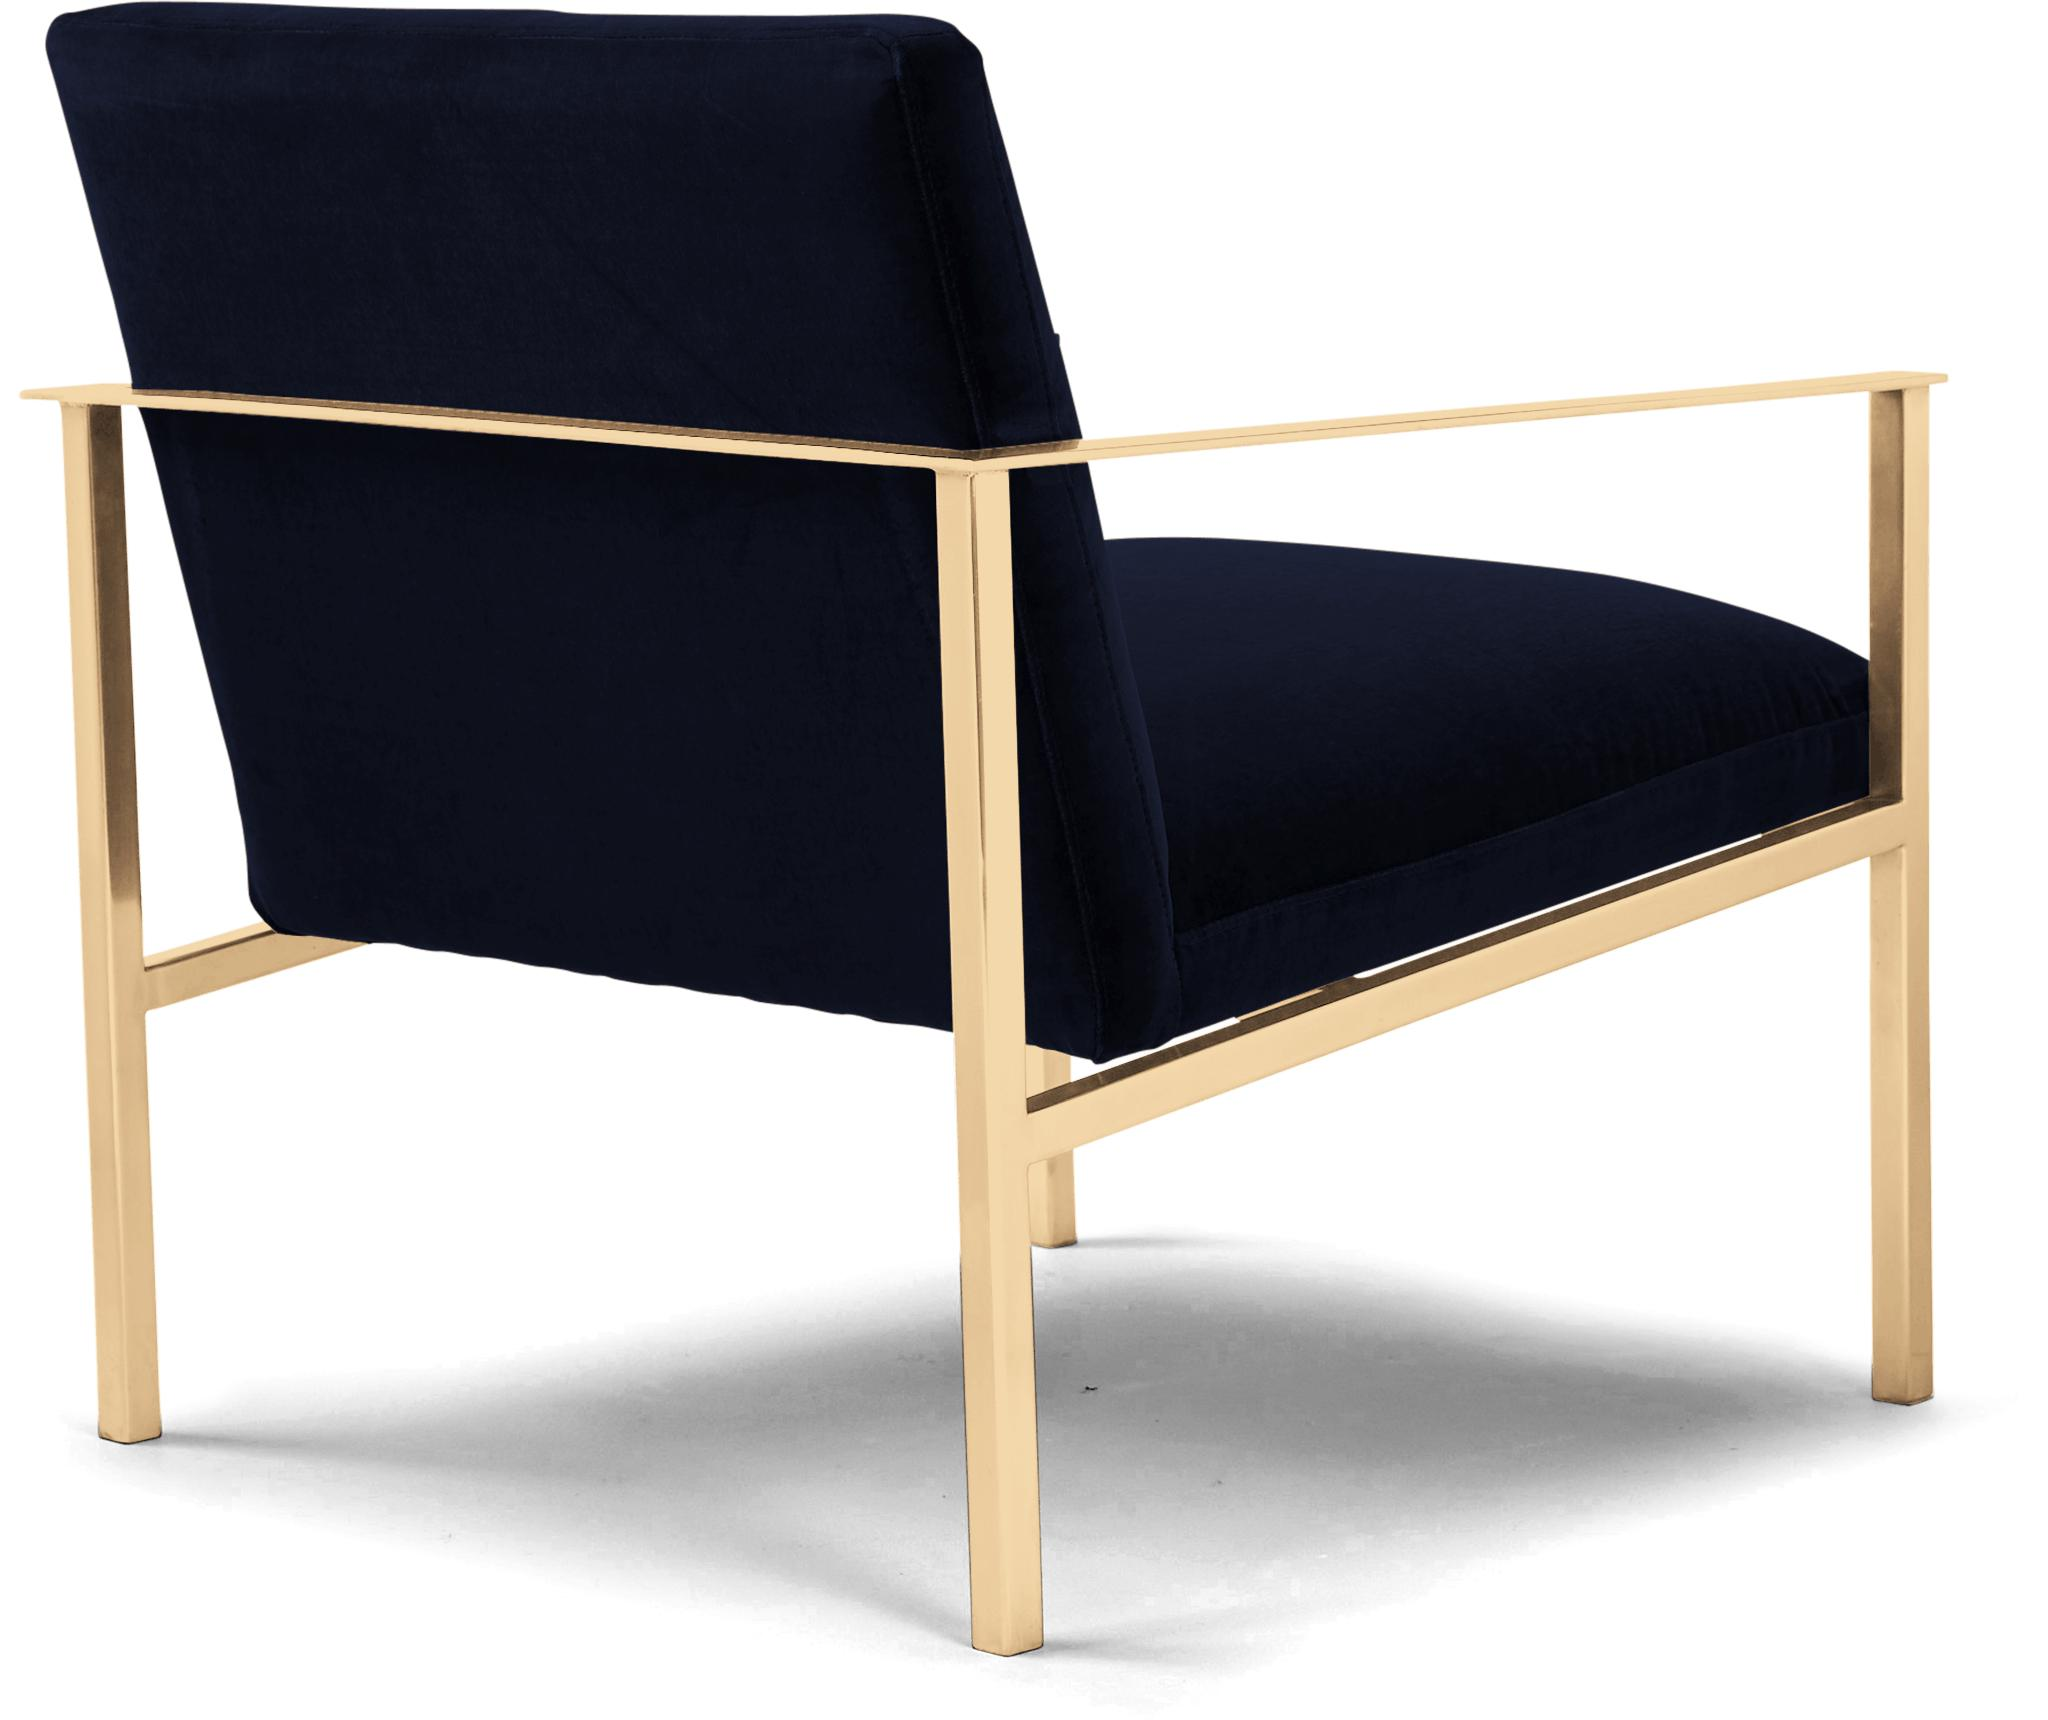 Blue Orla Mid Century Modern Accent Chair - Bentley Indigo